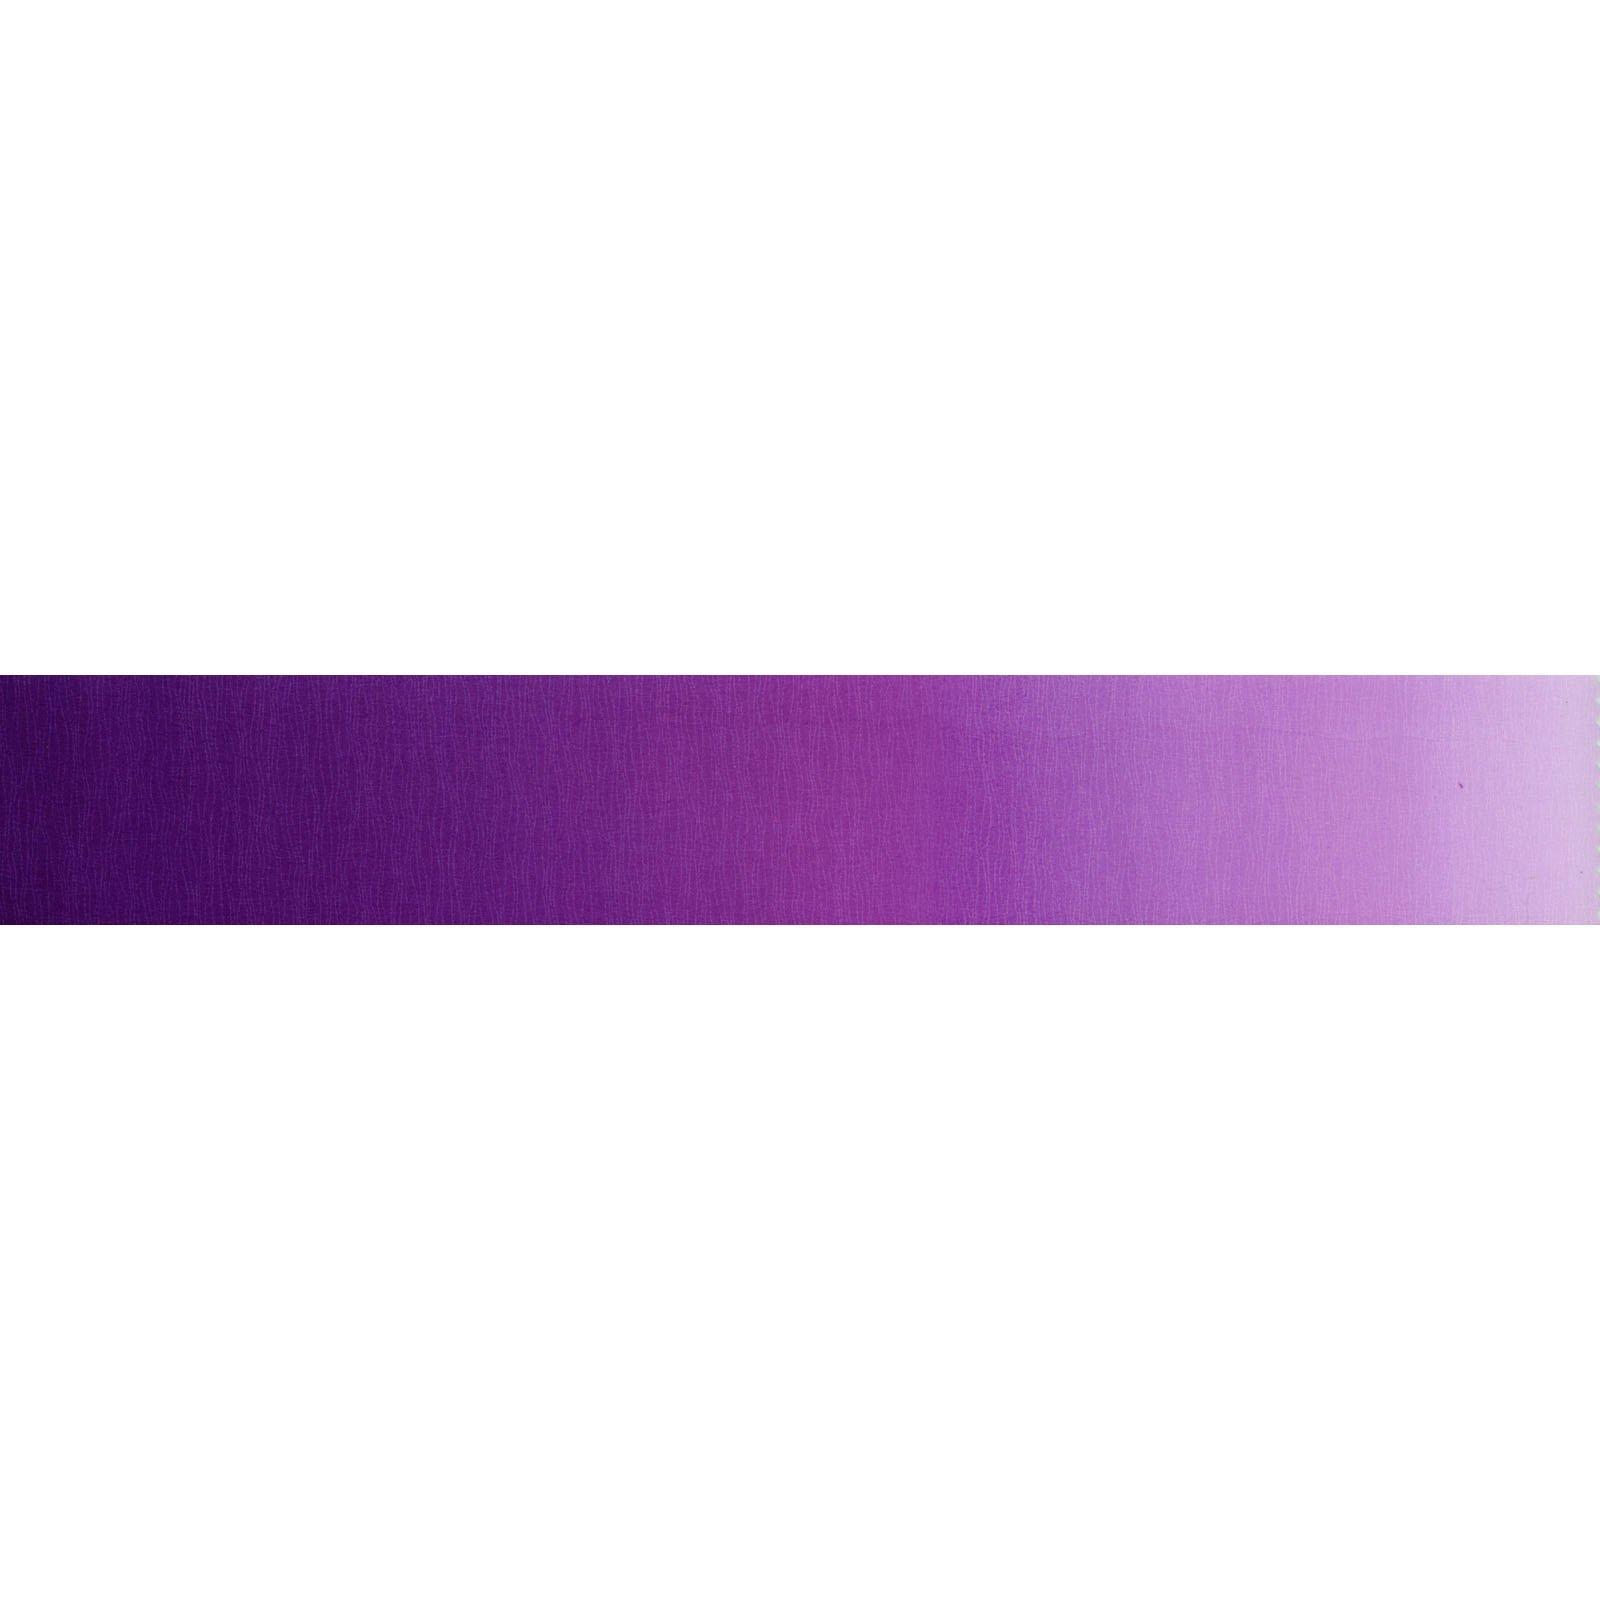 Gelato Ombre Violet / Purple